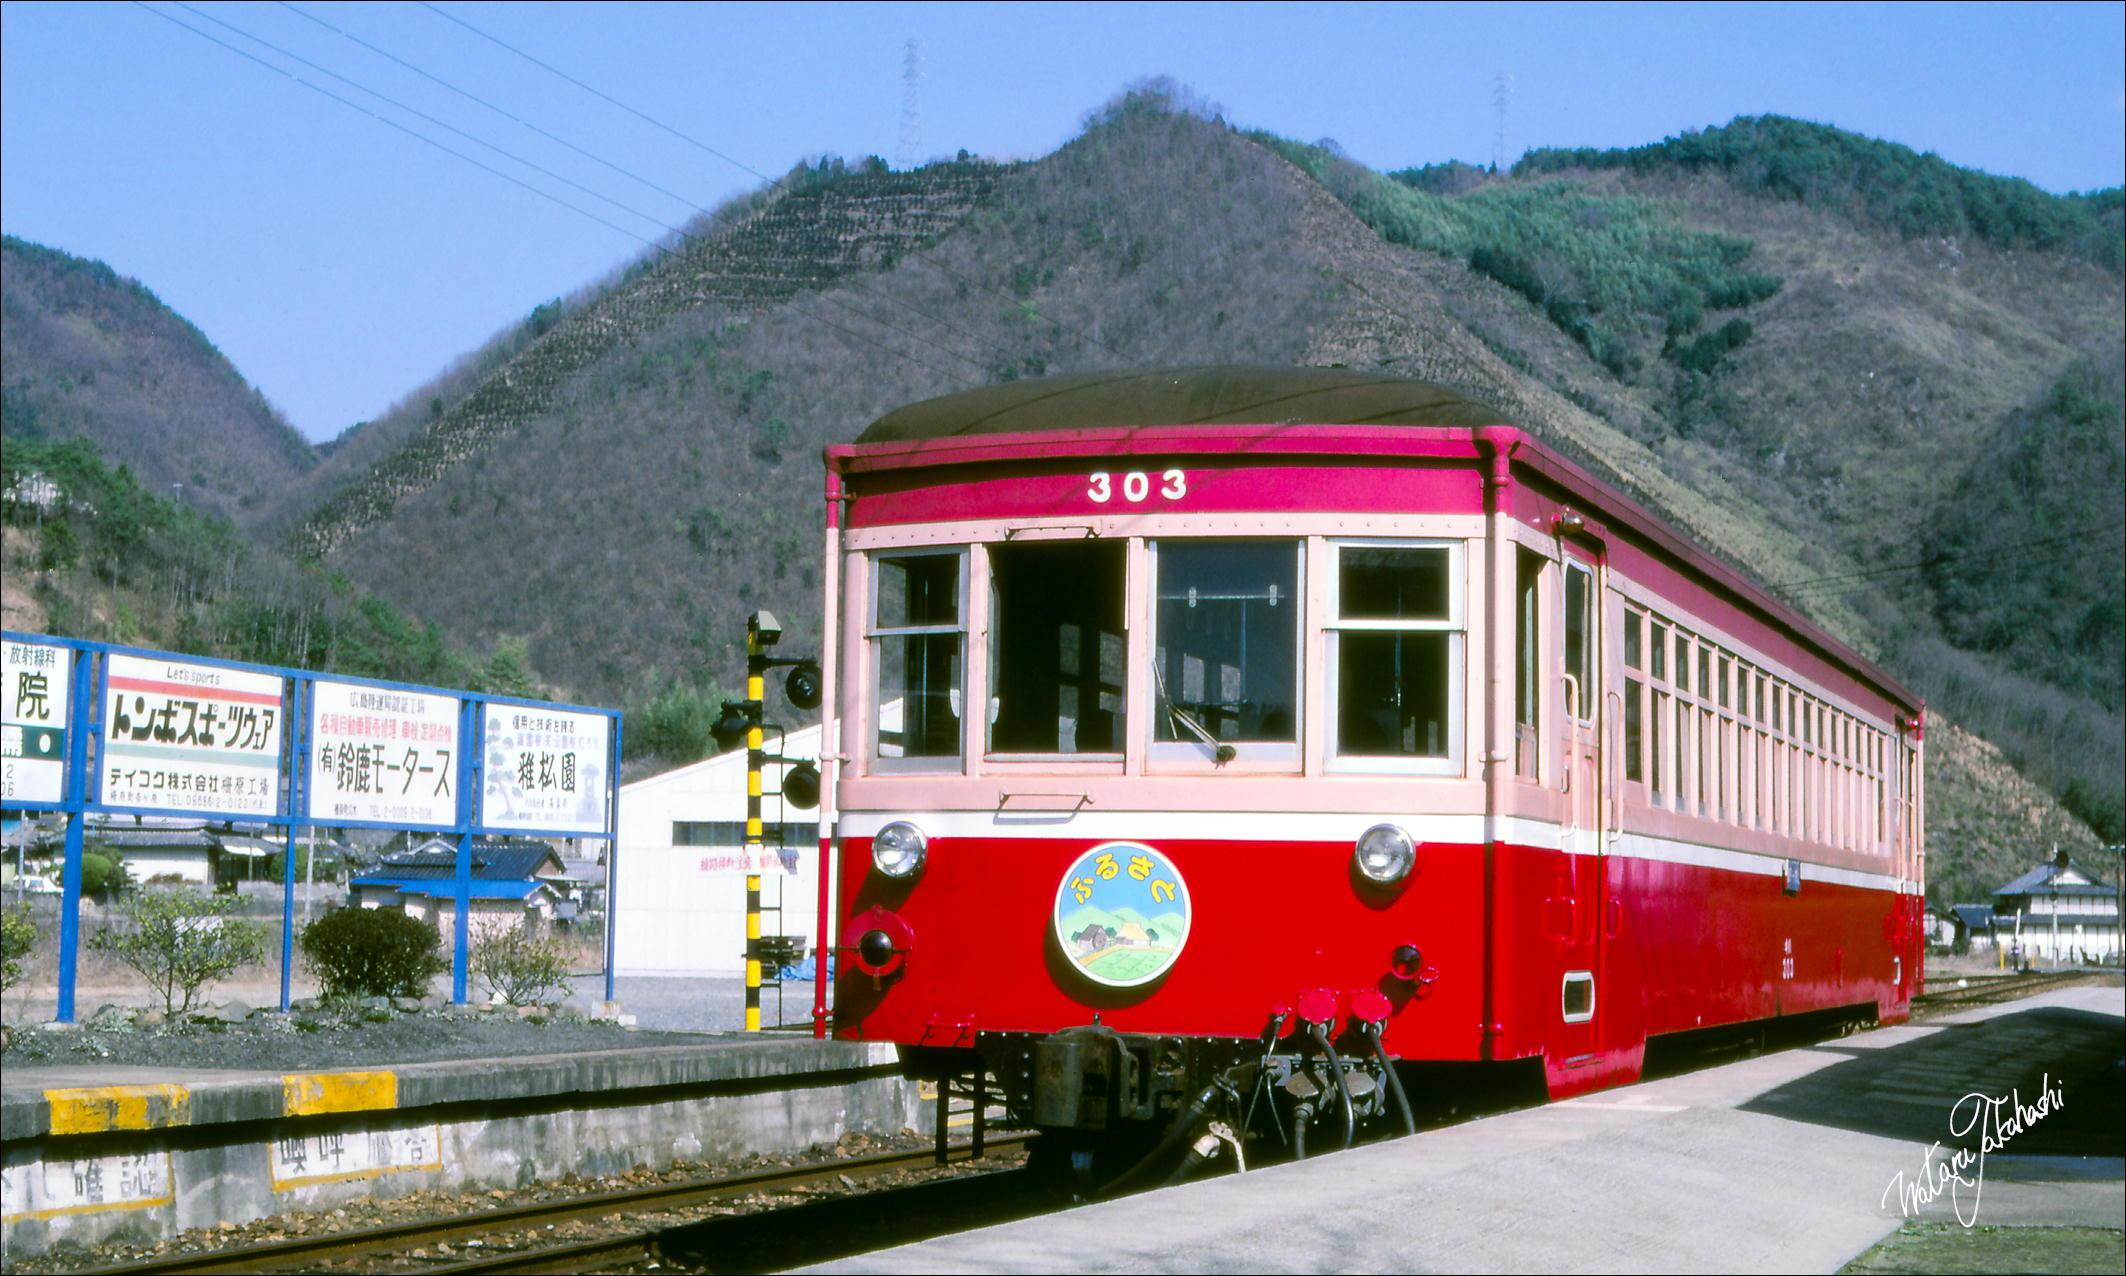 1985-03-24 初めて乗ったのはキハ303